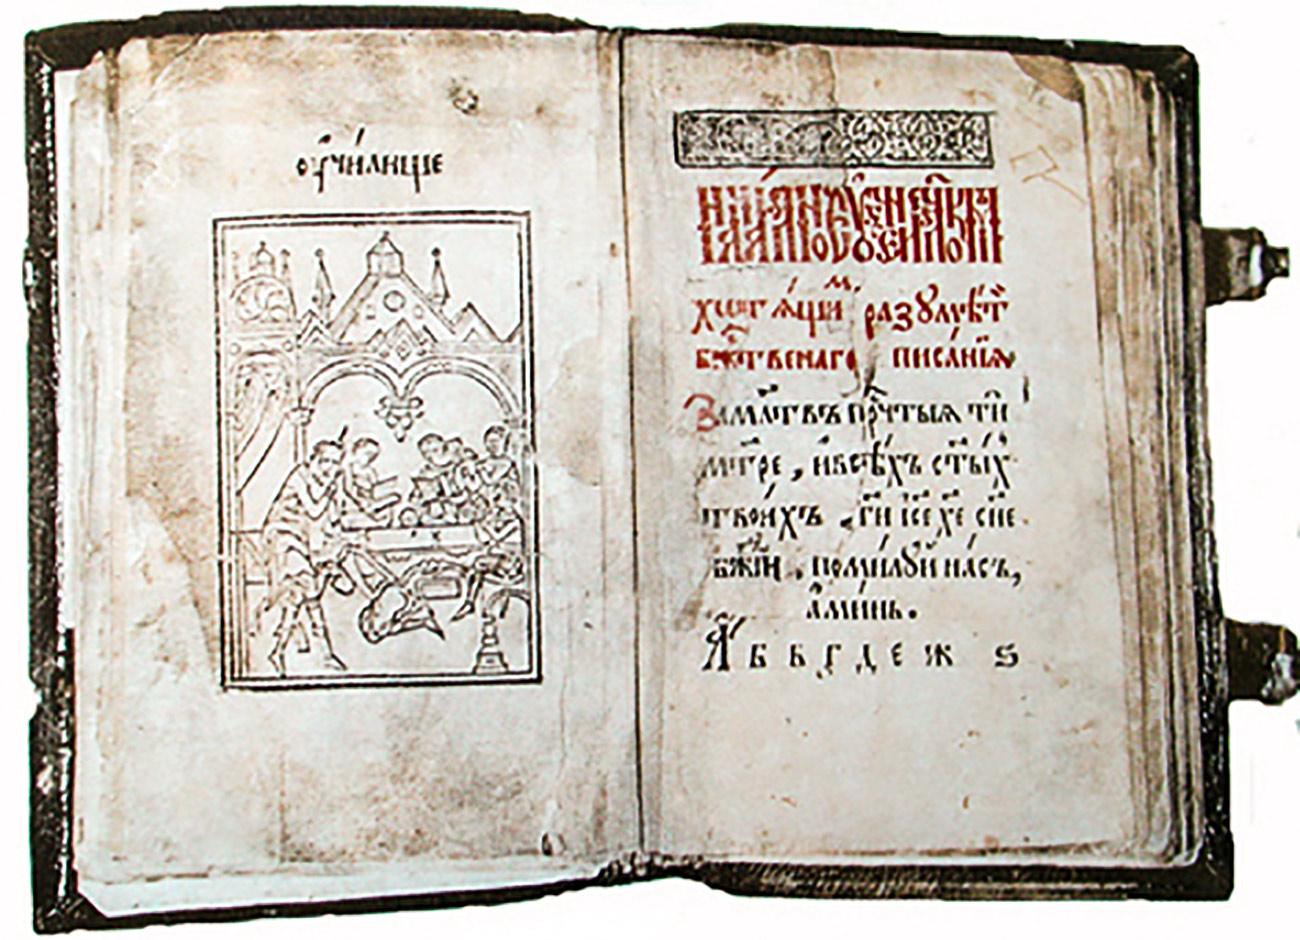 Второе издание букваря Василия Бурцова 1637 года